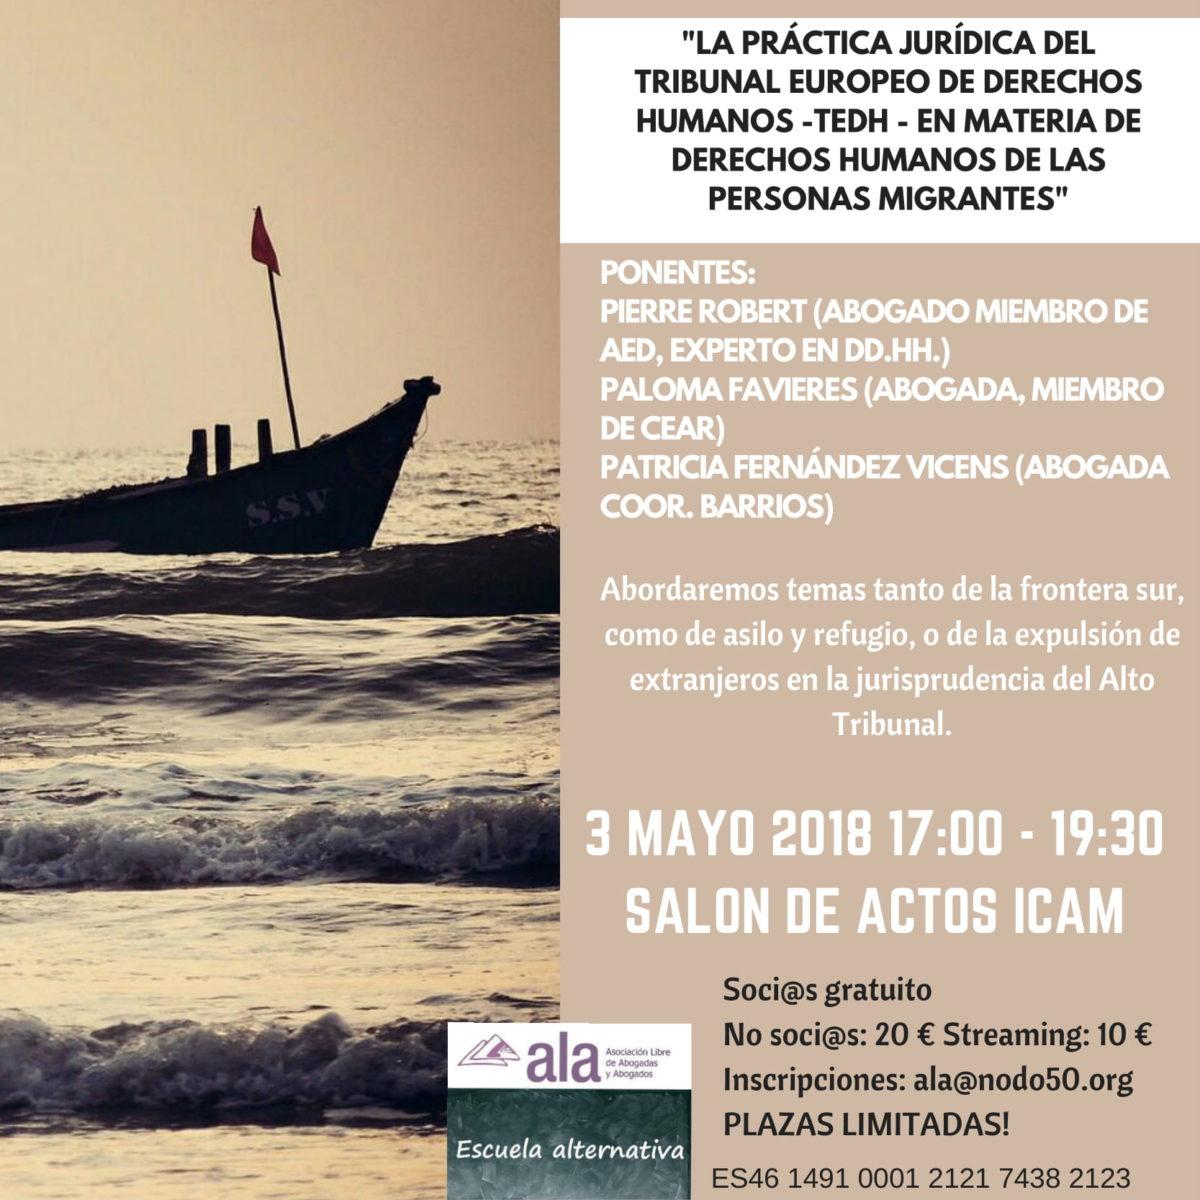 La Práctica Jurídica del TEDH en materia de Derechos Humanos de las personas migrantes